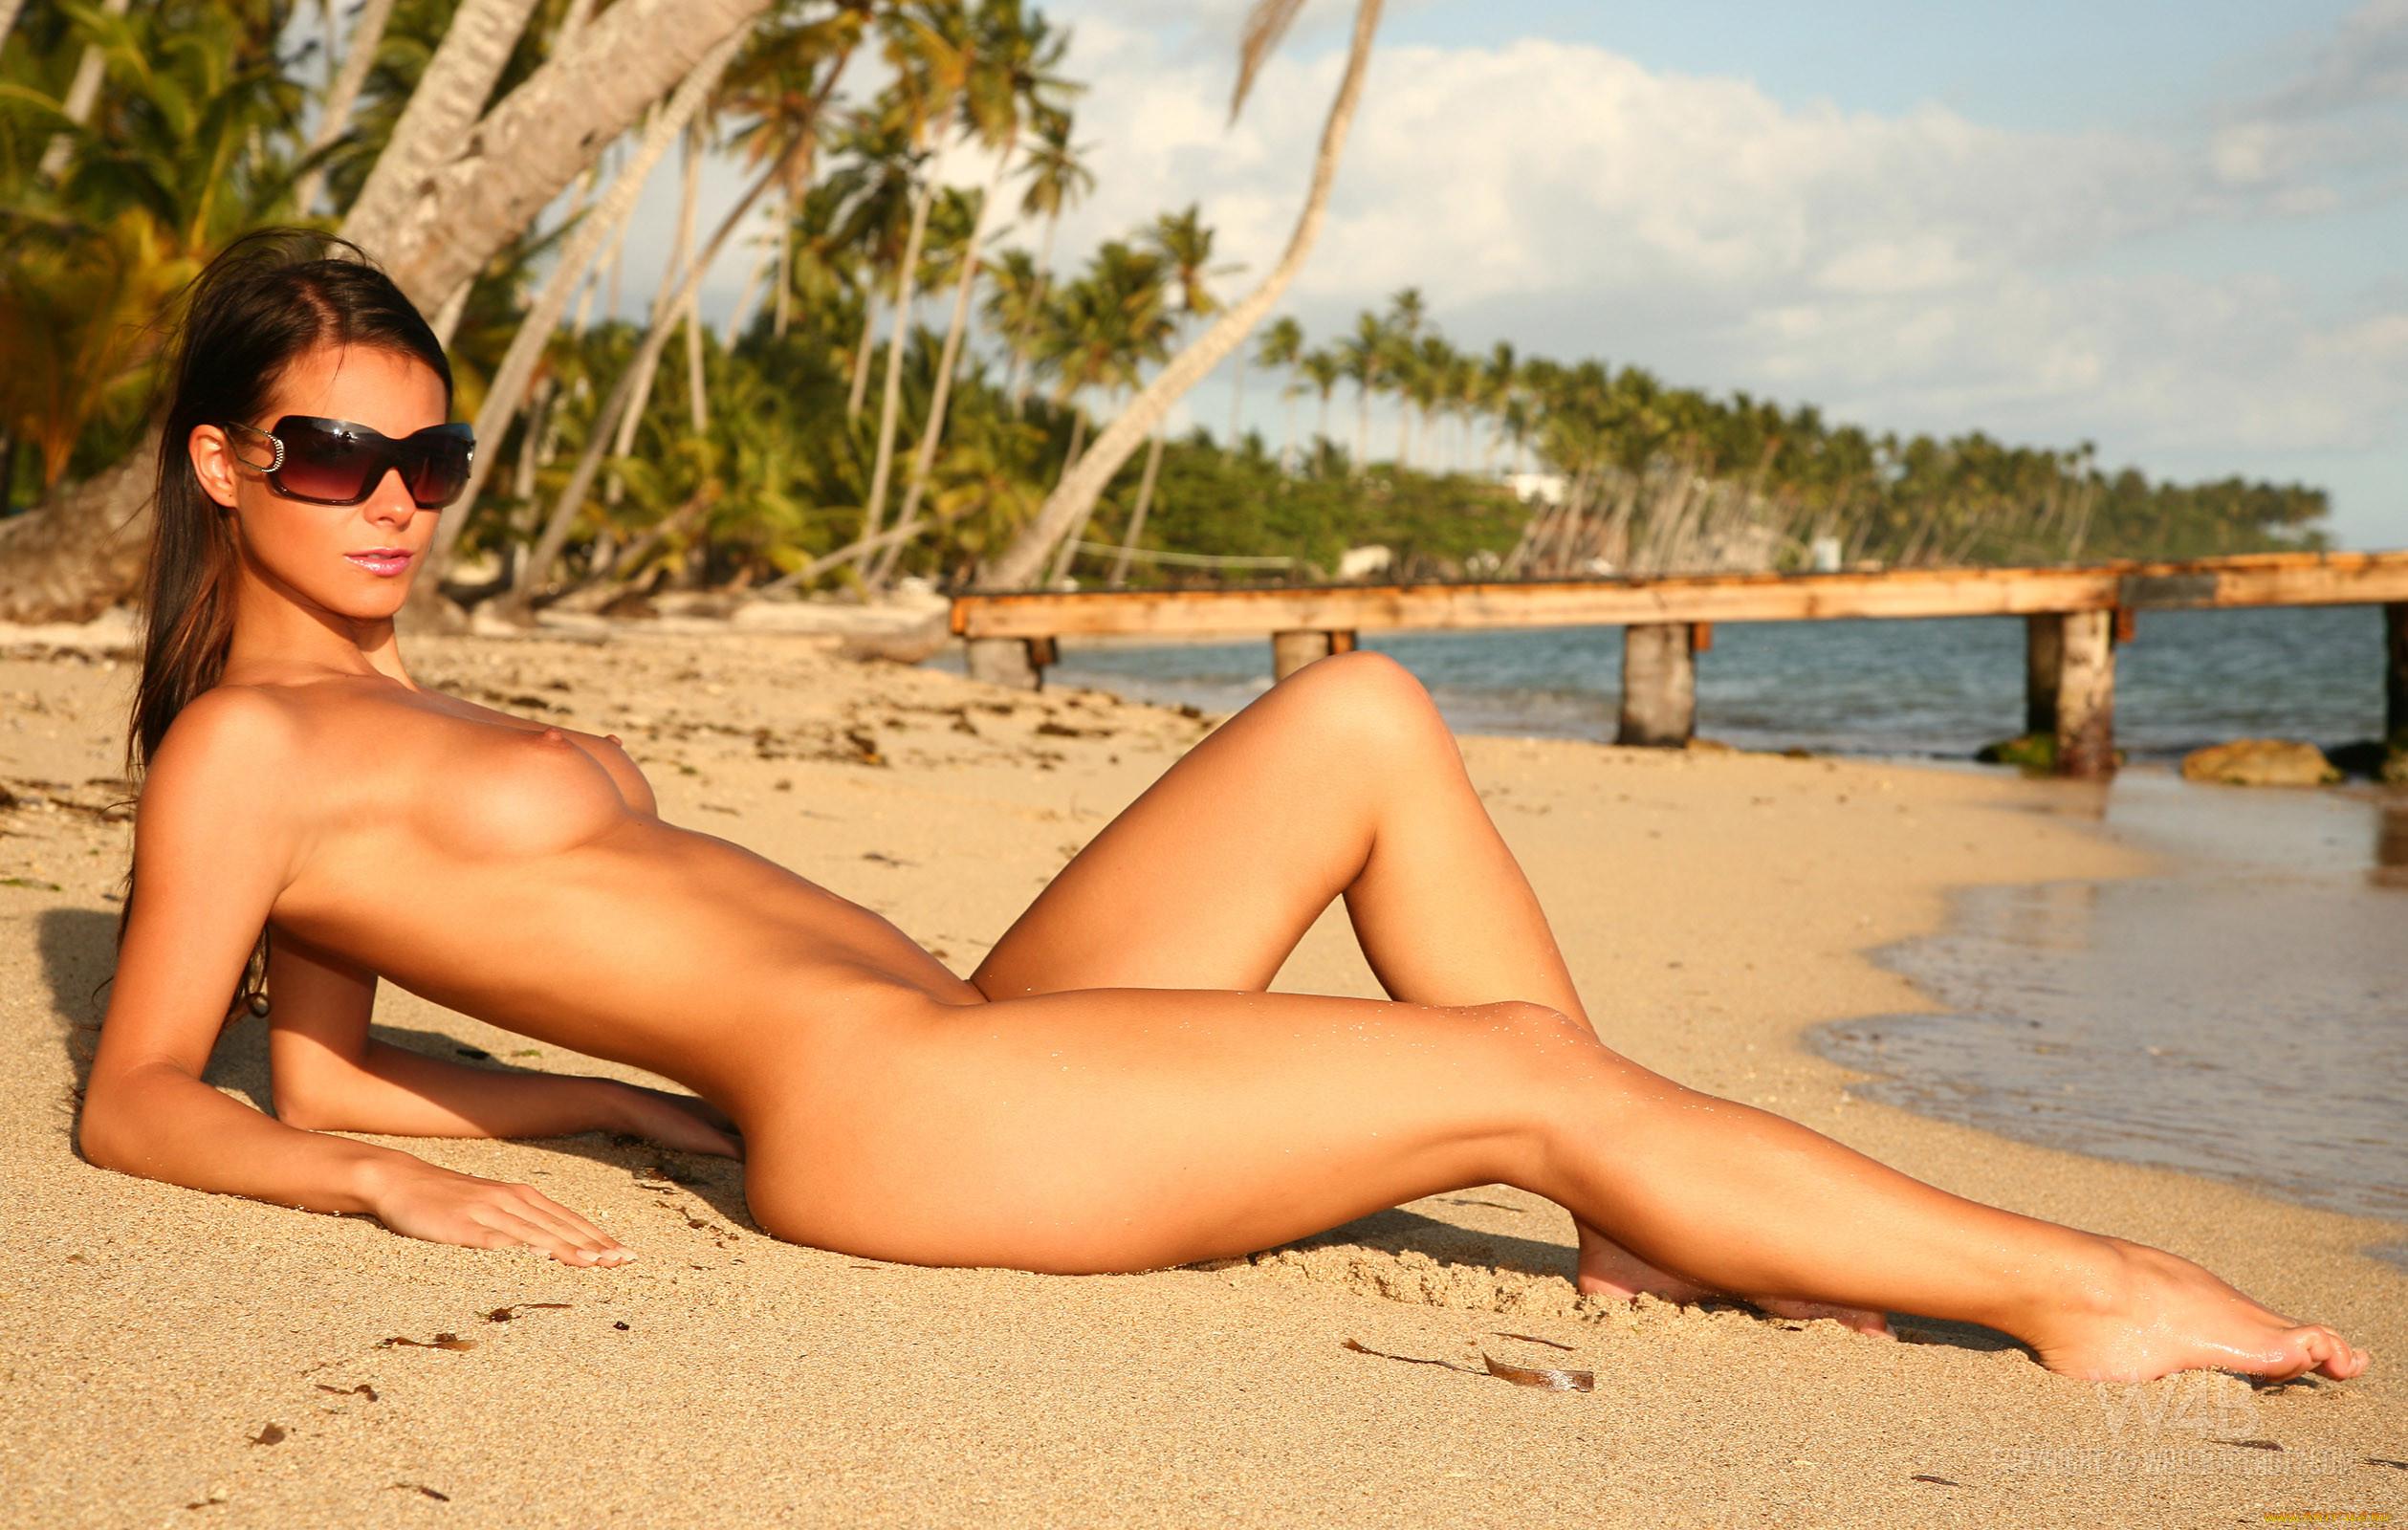 Фото обнажённых брюнеток на пляже 2 фотография